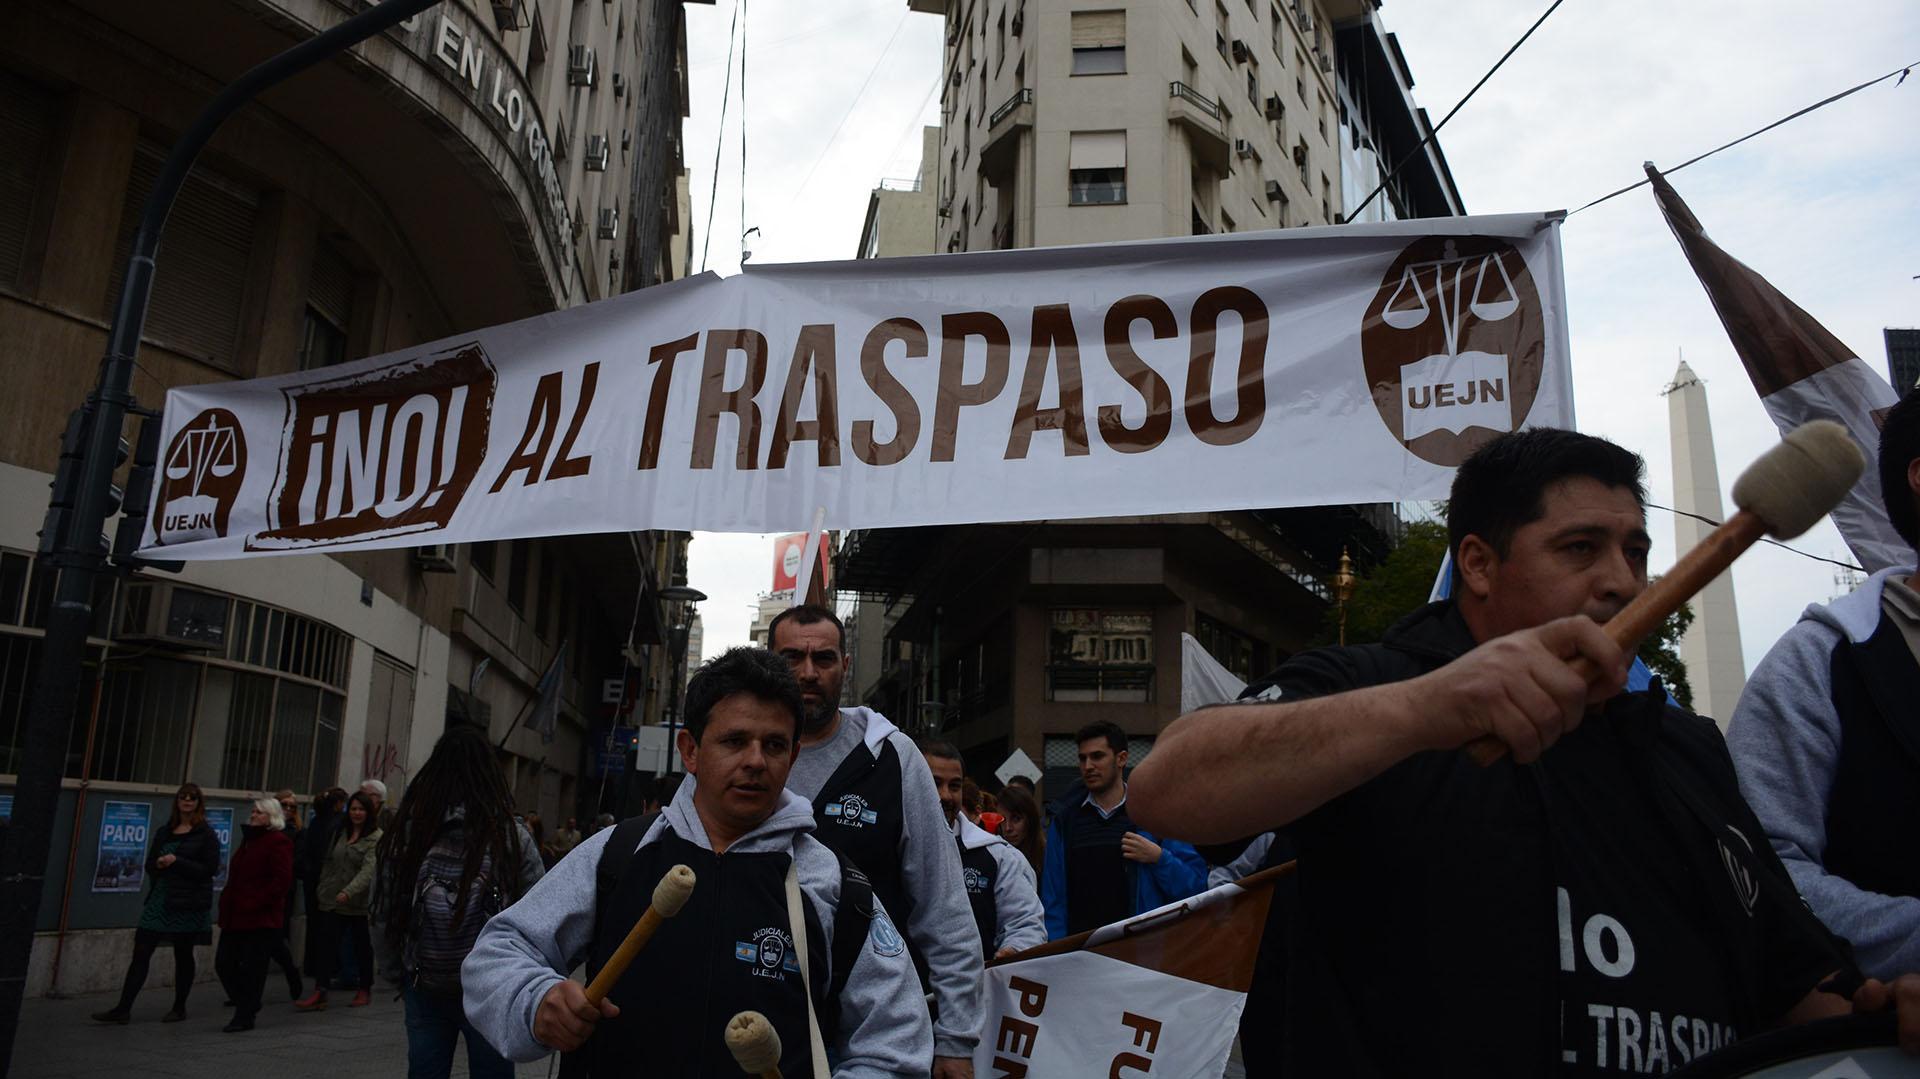 El centro tambi´+en fue escenario de una protesta de empleados judiciales